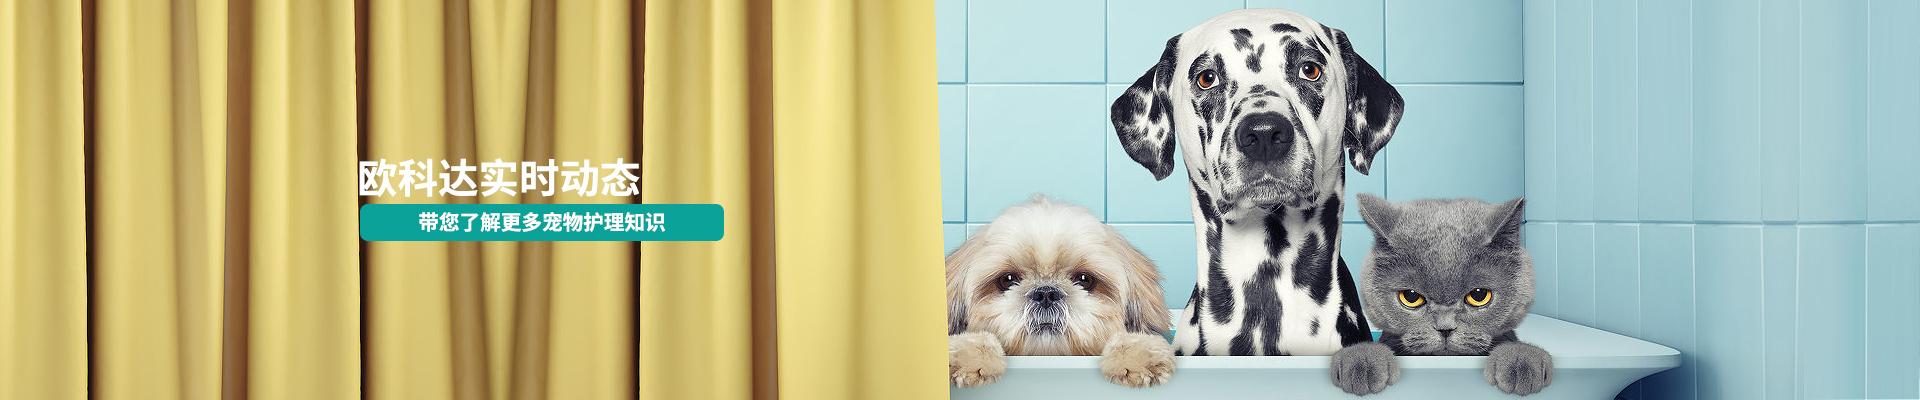 欧科达-带您了解更多宠物护理知识